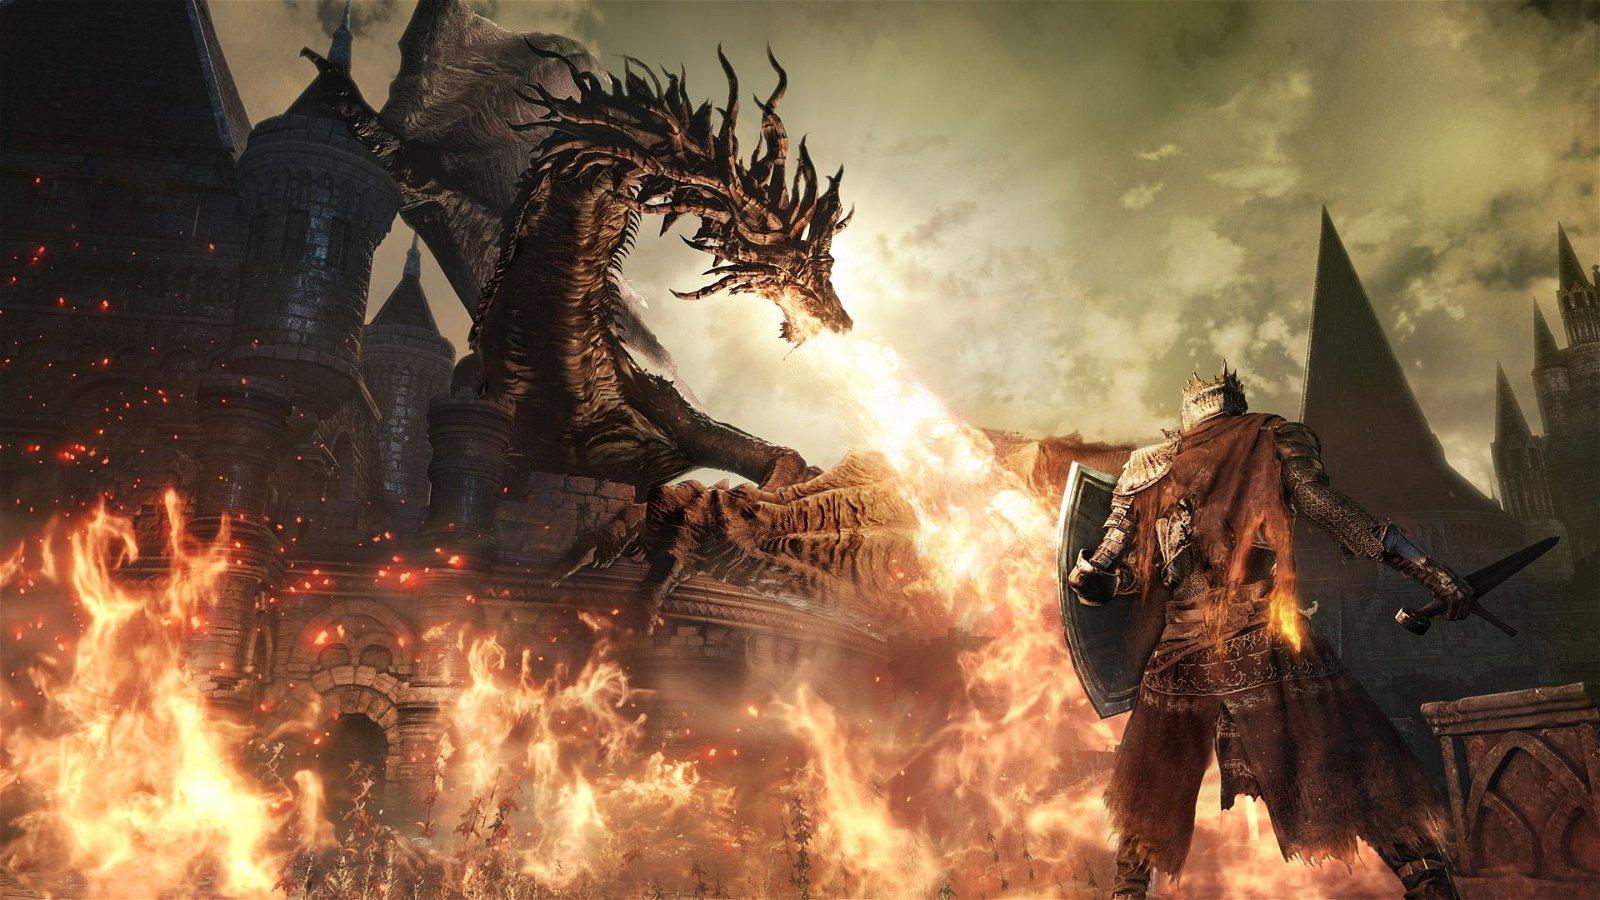 Dark Souls III Becomes Fastest Selling Bandai Namco Release